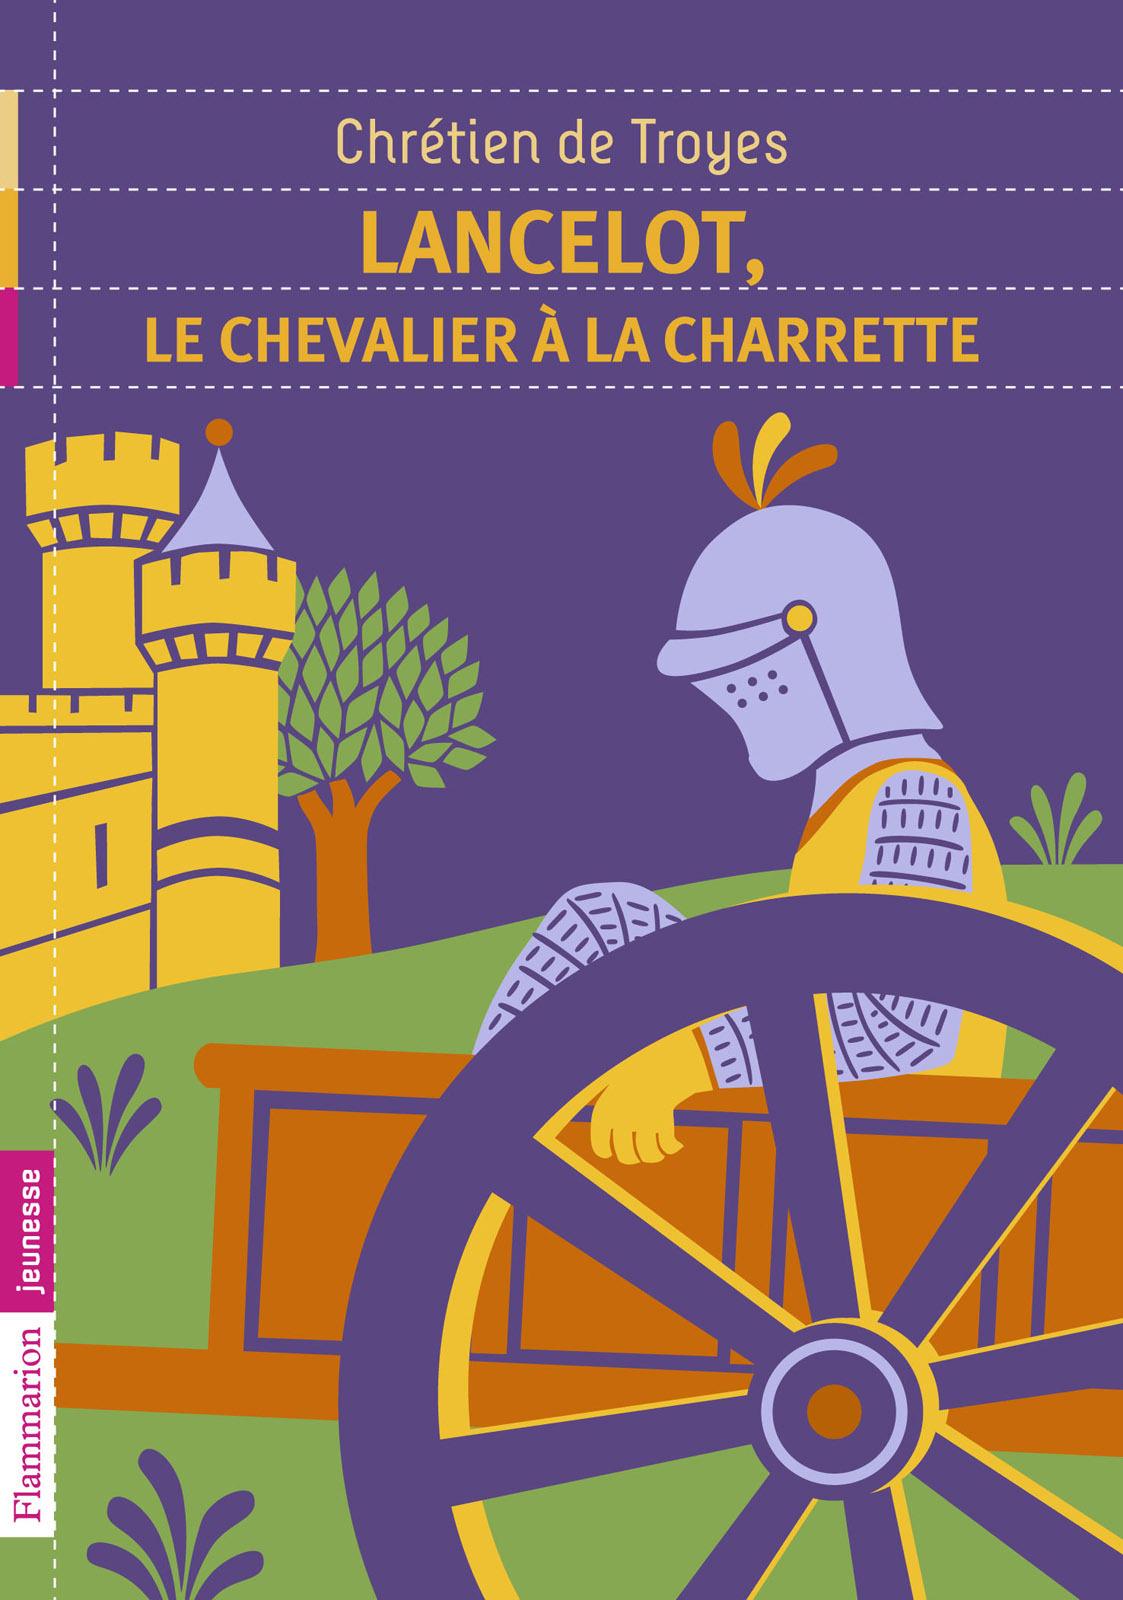 Lancelot, le chevalier à la charette